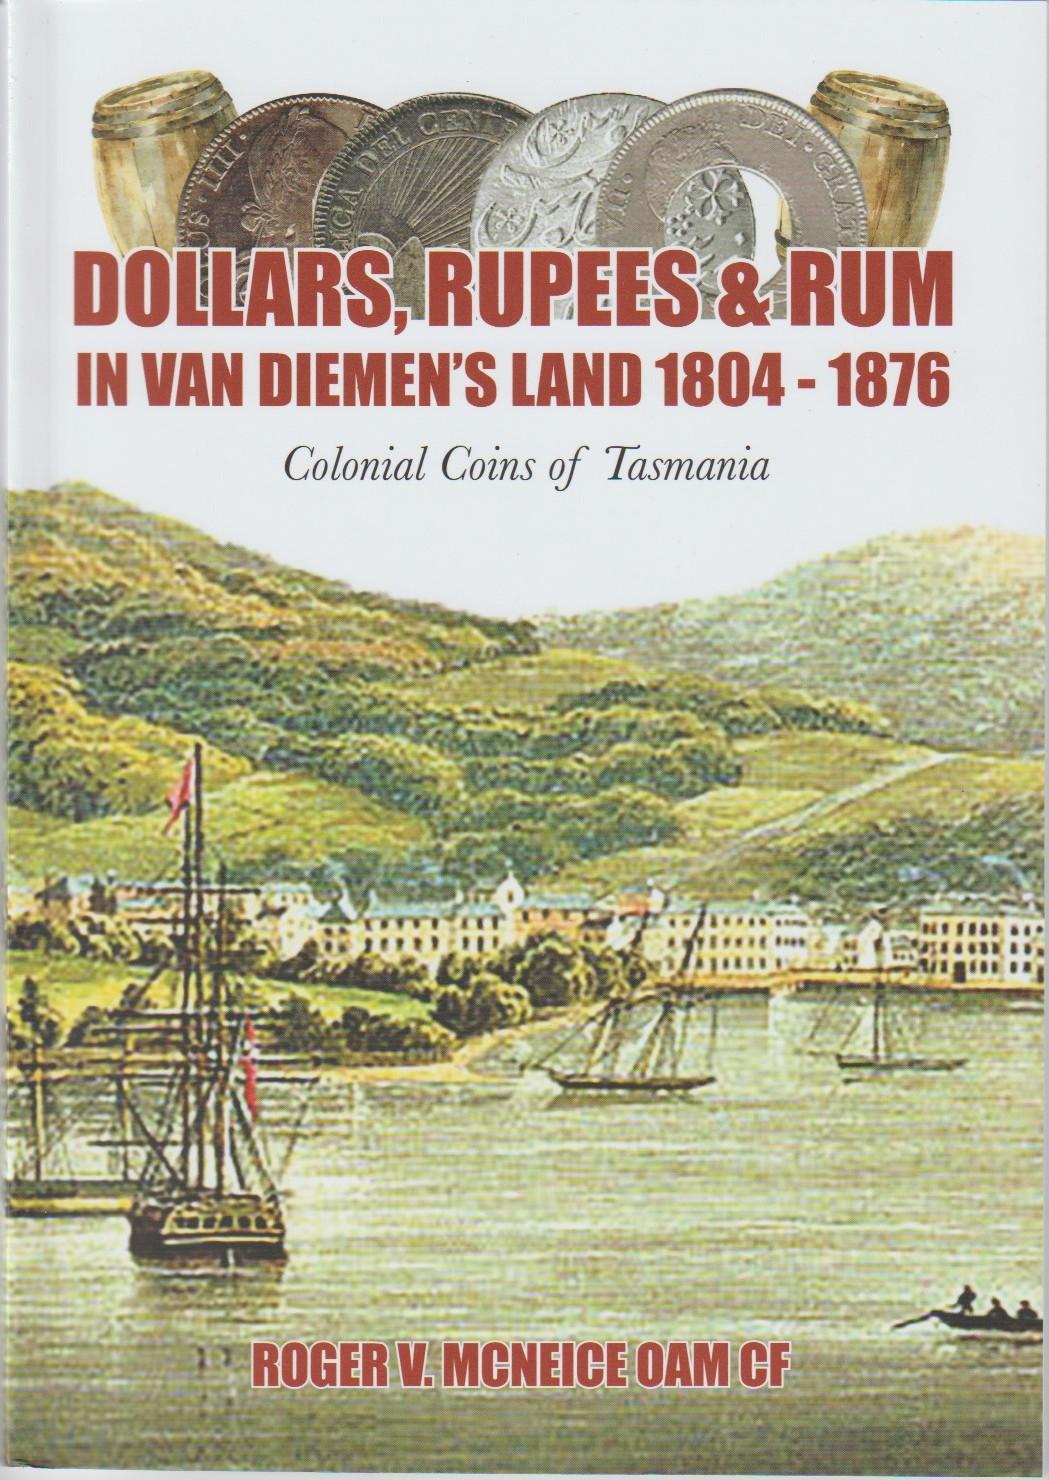 Dollars, Rupees & Rum in Van Diemen's Land 1804-1876